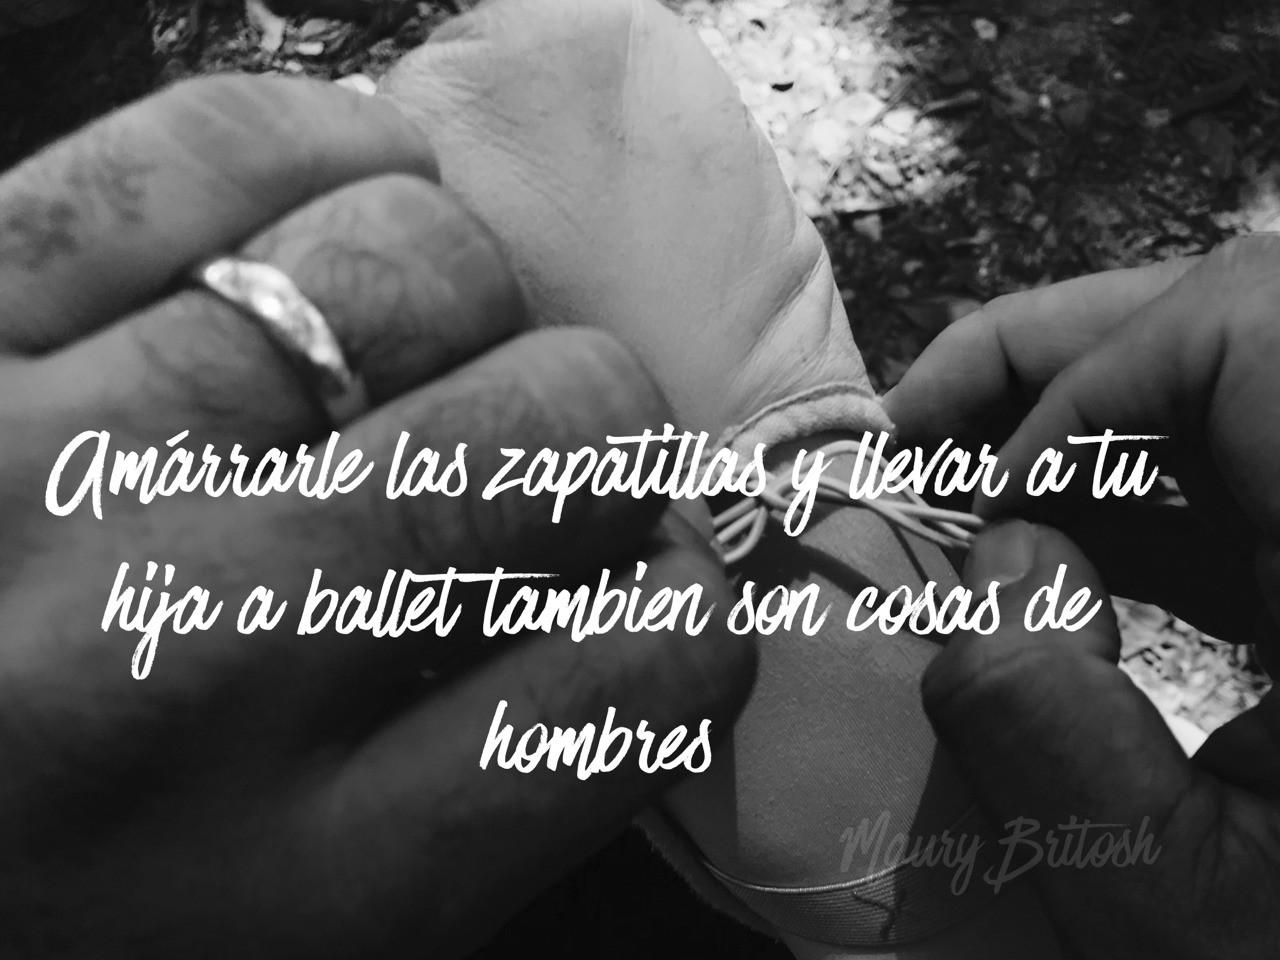 #reglasdeoro Amárrarle las zapatillas y llevar a tu hija a ballet tambien son cosas de hombres